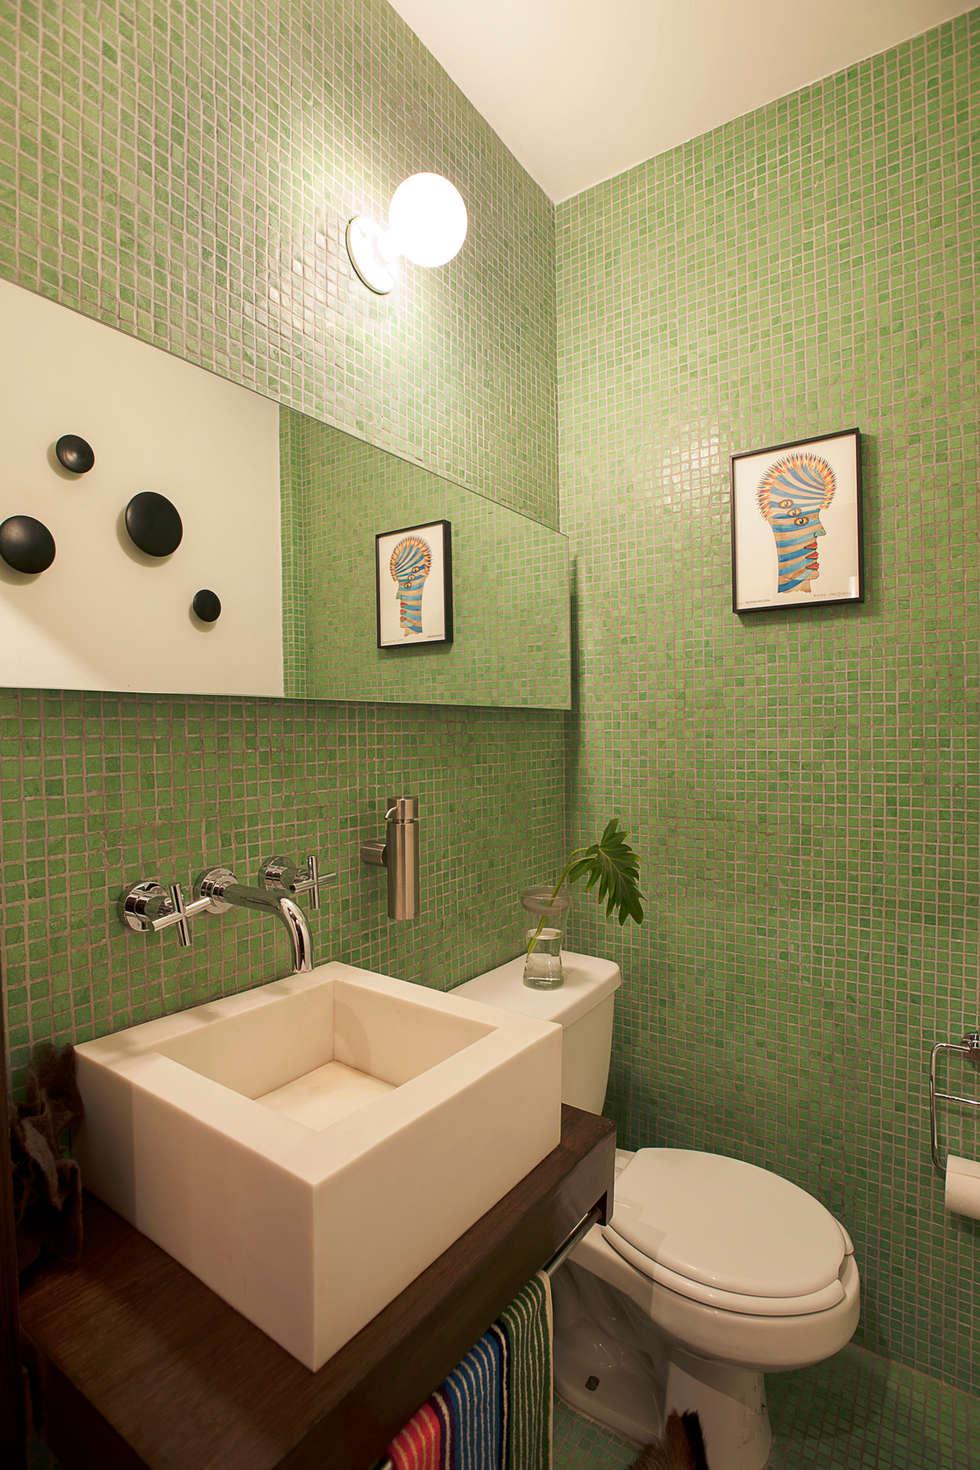 Baños de estilo moderno por Germán Velasco Arquitectos